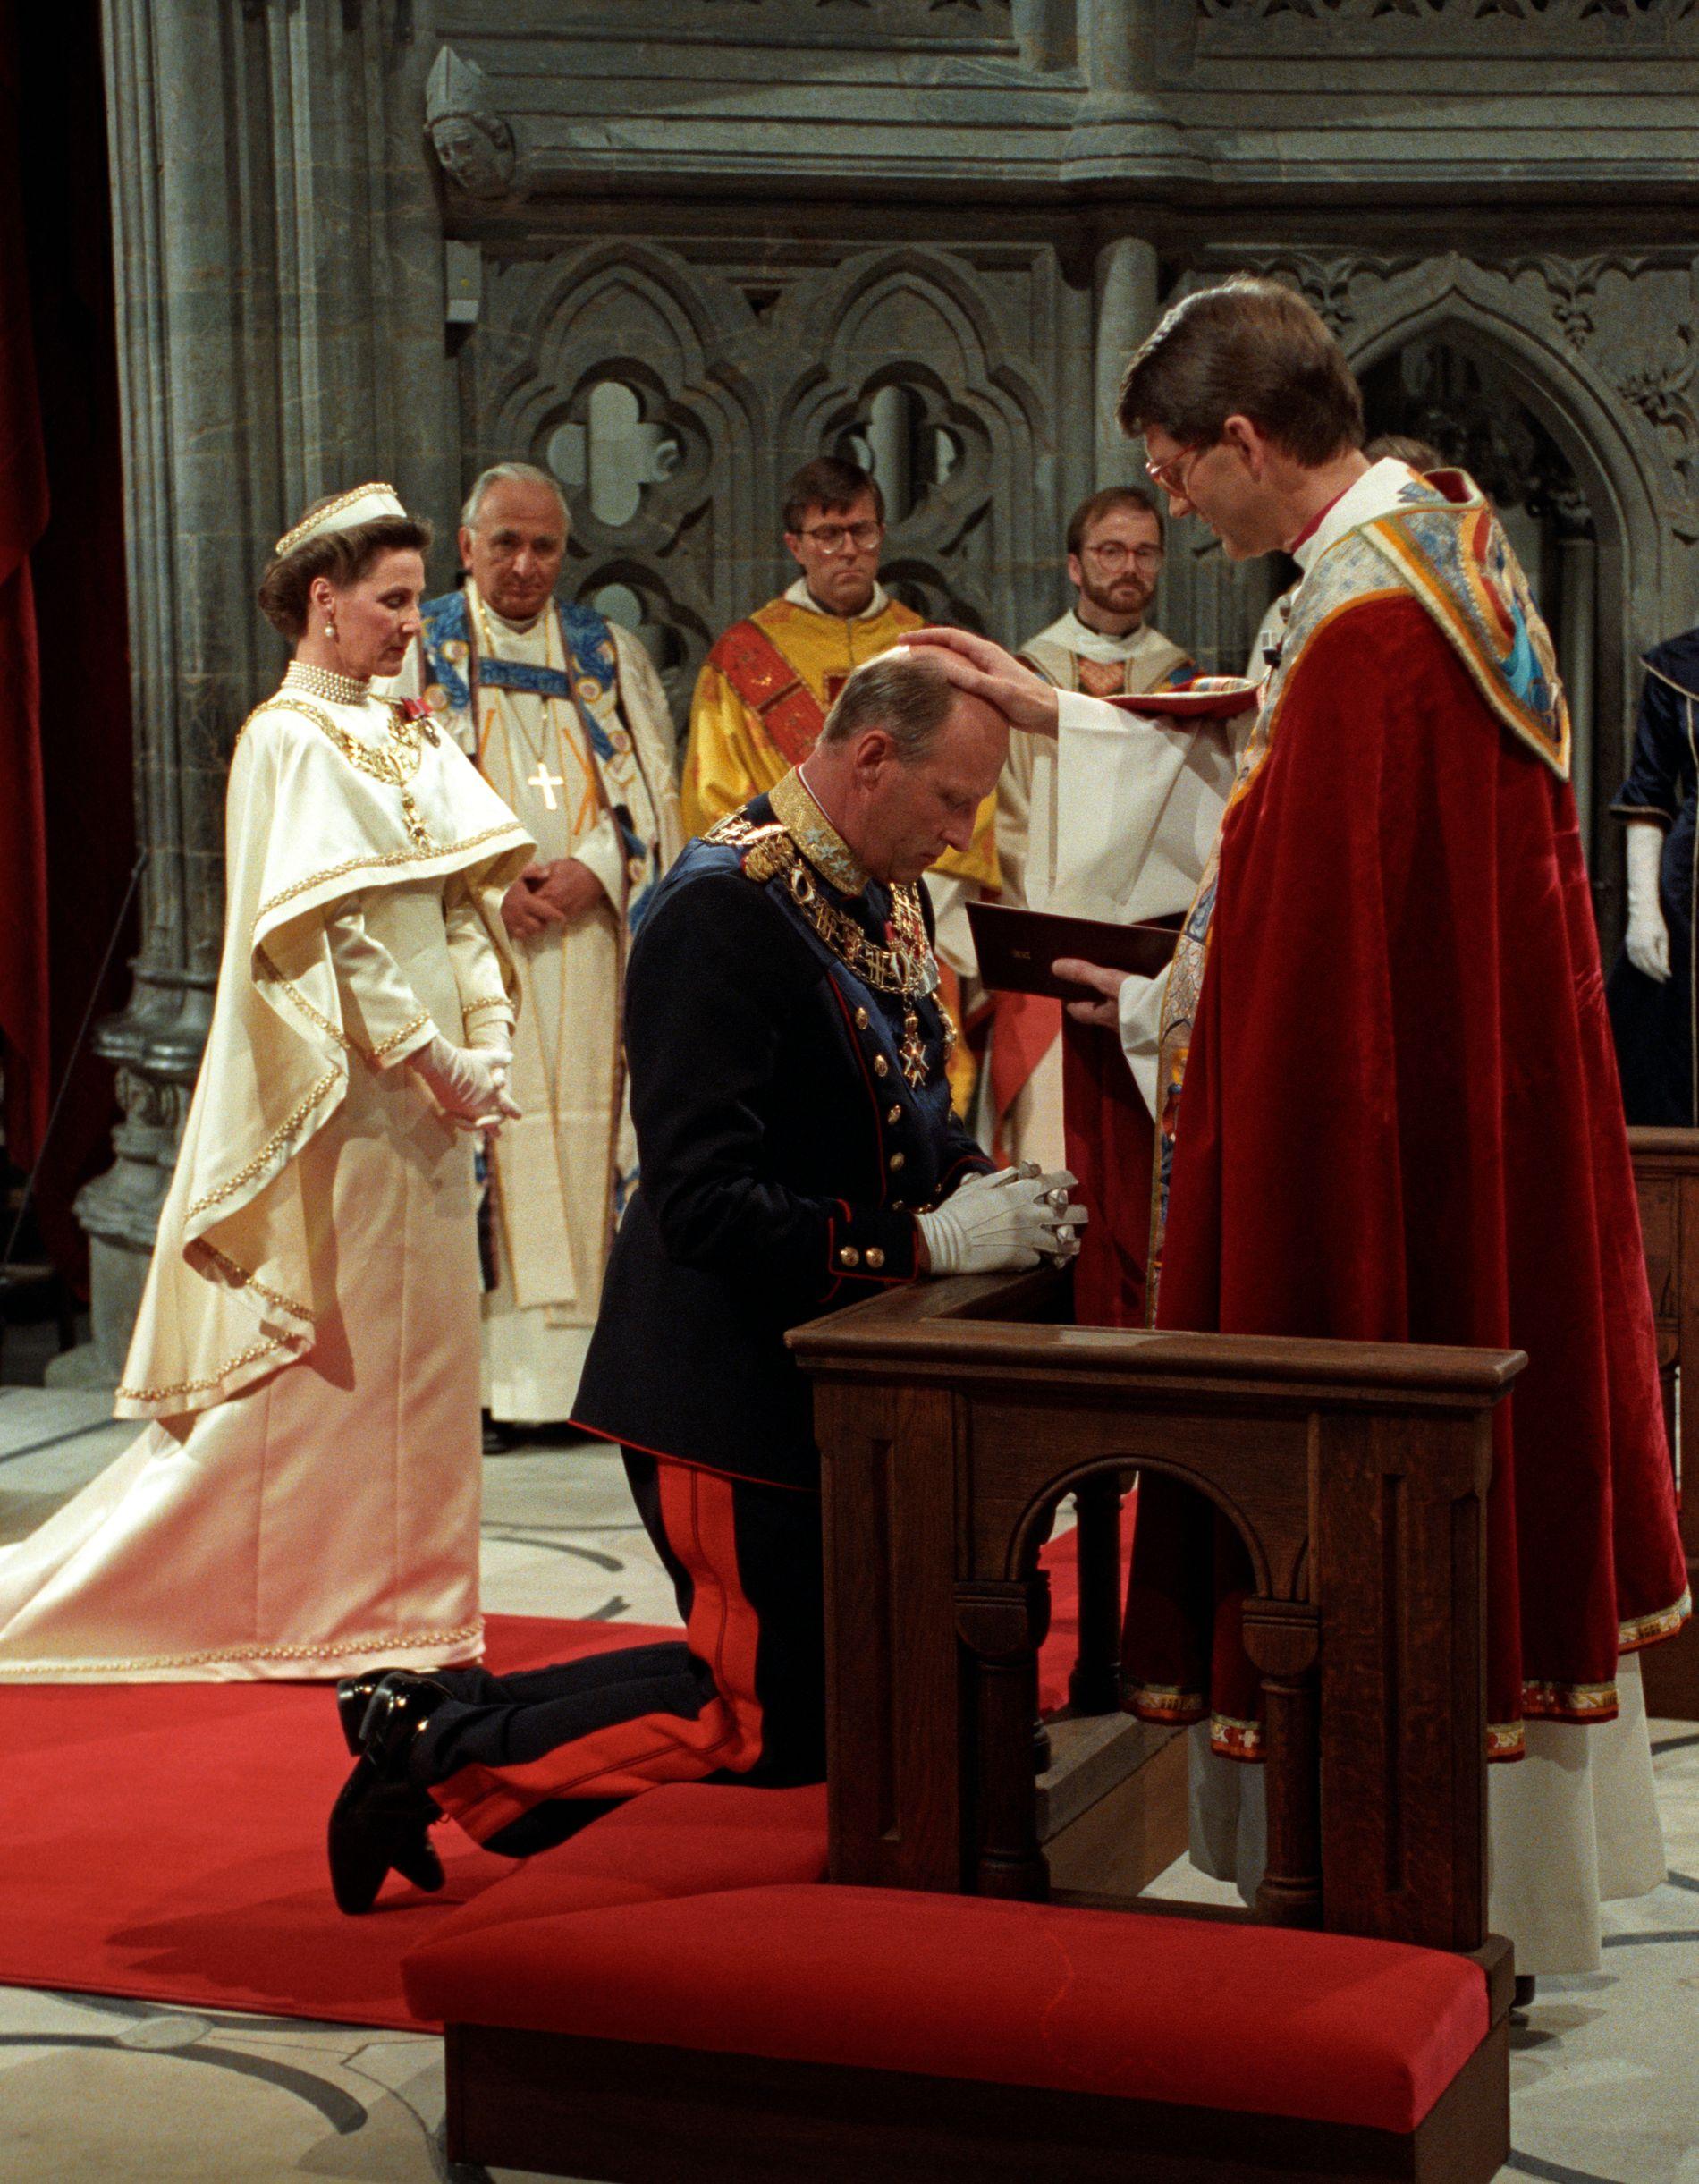 25 ÅR SIDEN: Biskop Finn Wagle signer kongen. Dronning Sonja i bakgrunnen, ved siden av biskop Andreas Aarflot.